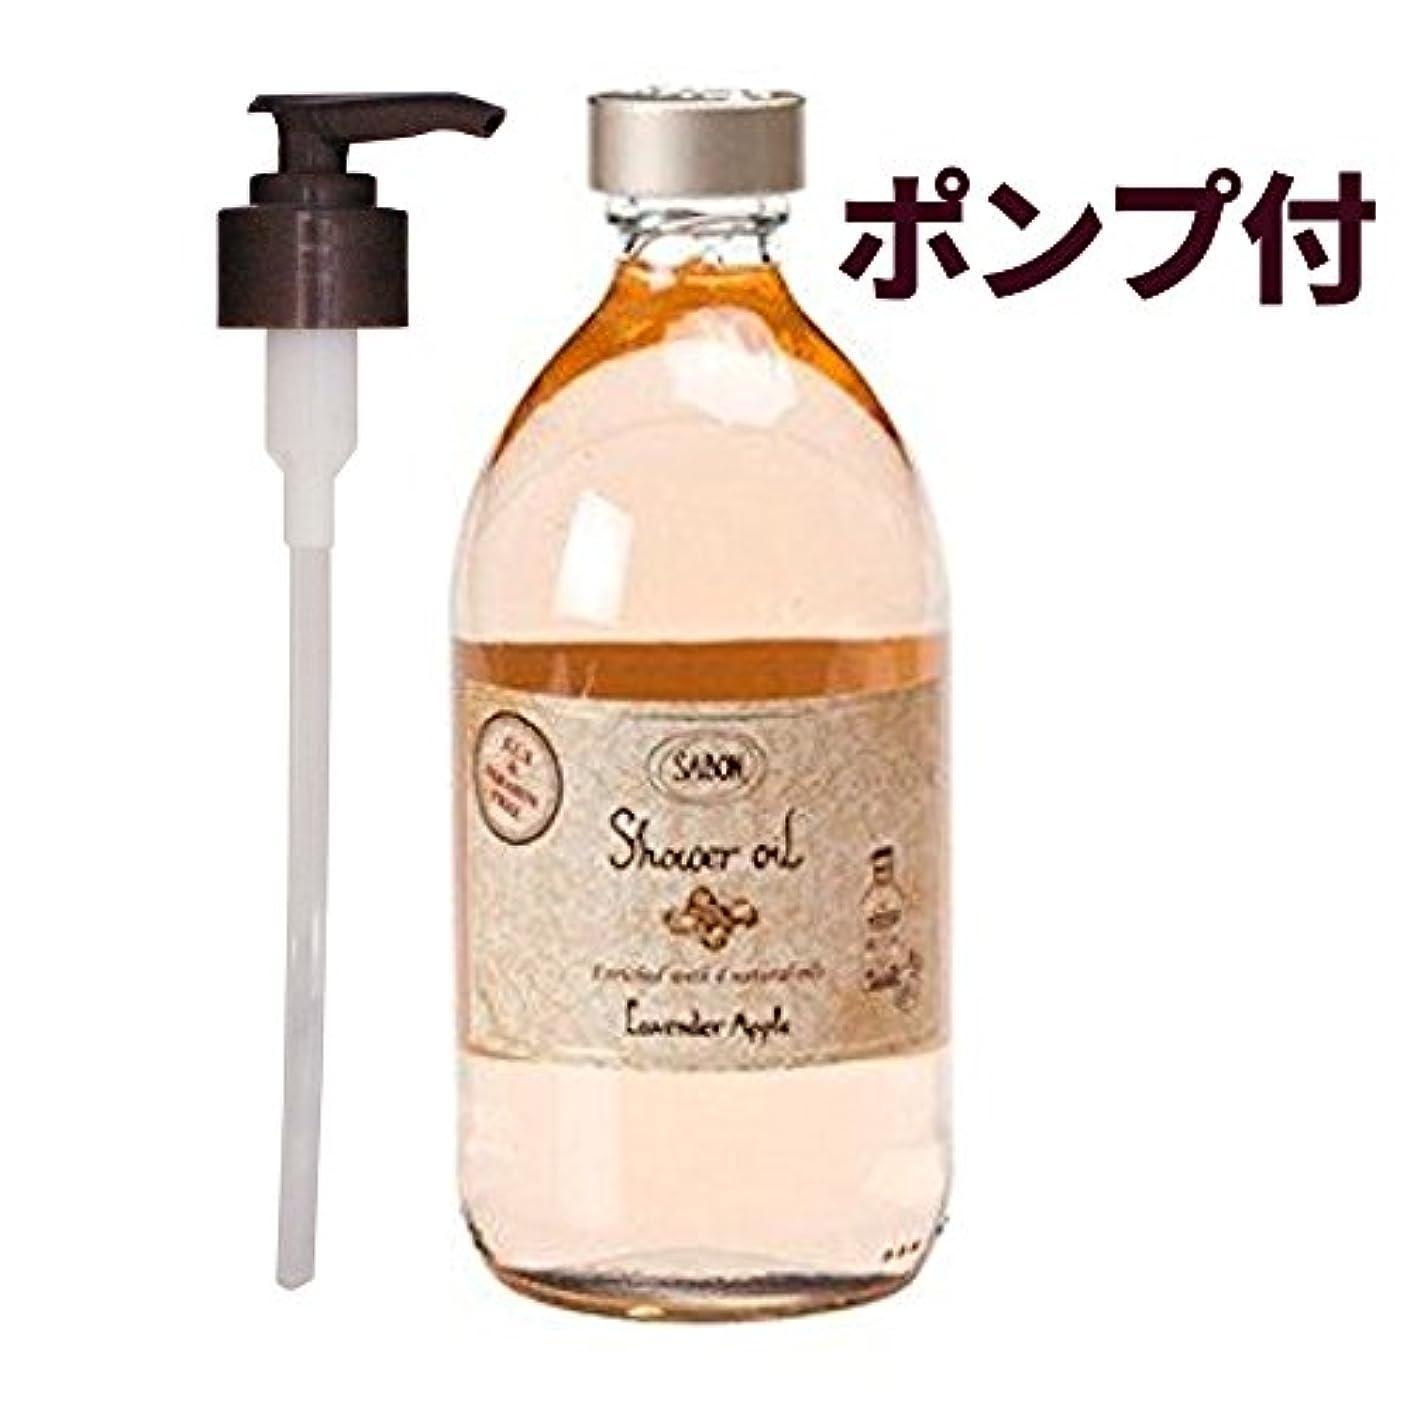 付与規制する純粋にサボン-SABON- ボディソープ シャワーオイルラベンダーアップル 500ml LavenderApple :宅急便対応  ポンプ付 [並行輸入品]